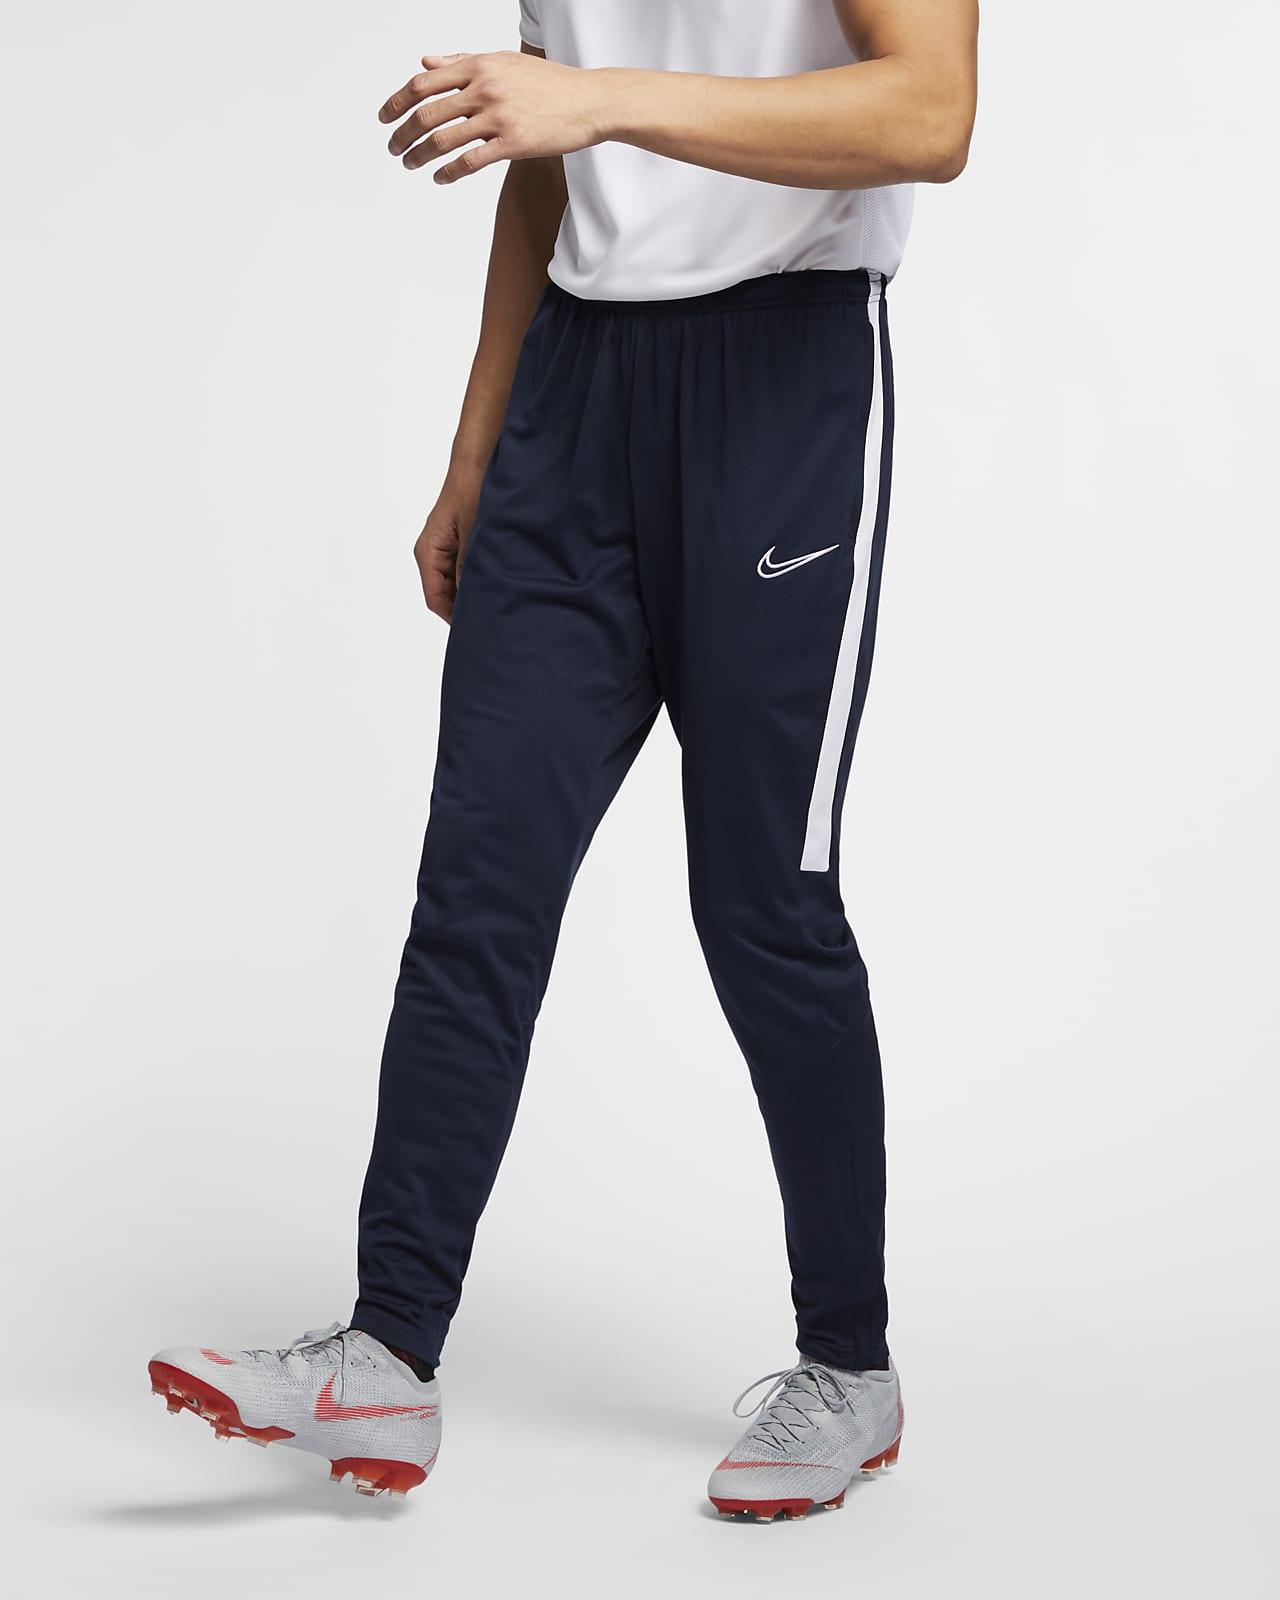 cocinar Cariñoso Rebelión  Pantalones de fútbol para hombre Nike Dri-FIT Academy. Nike.com